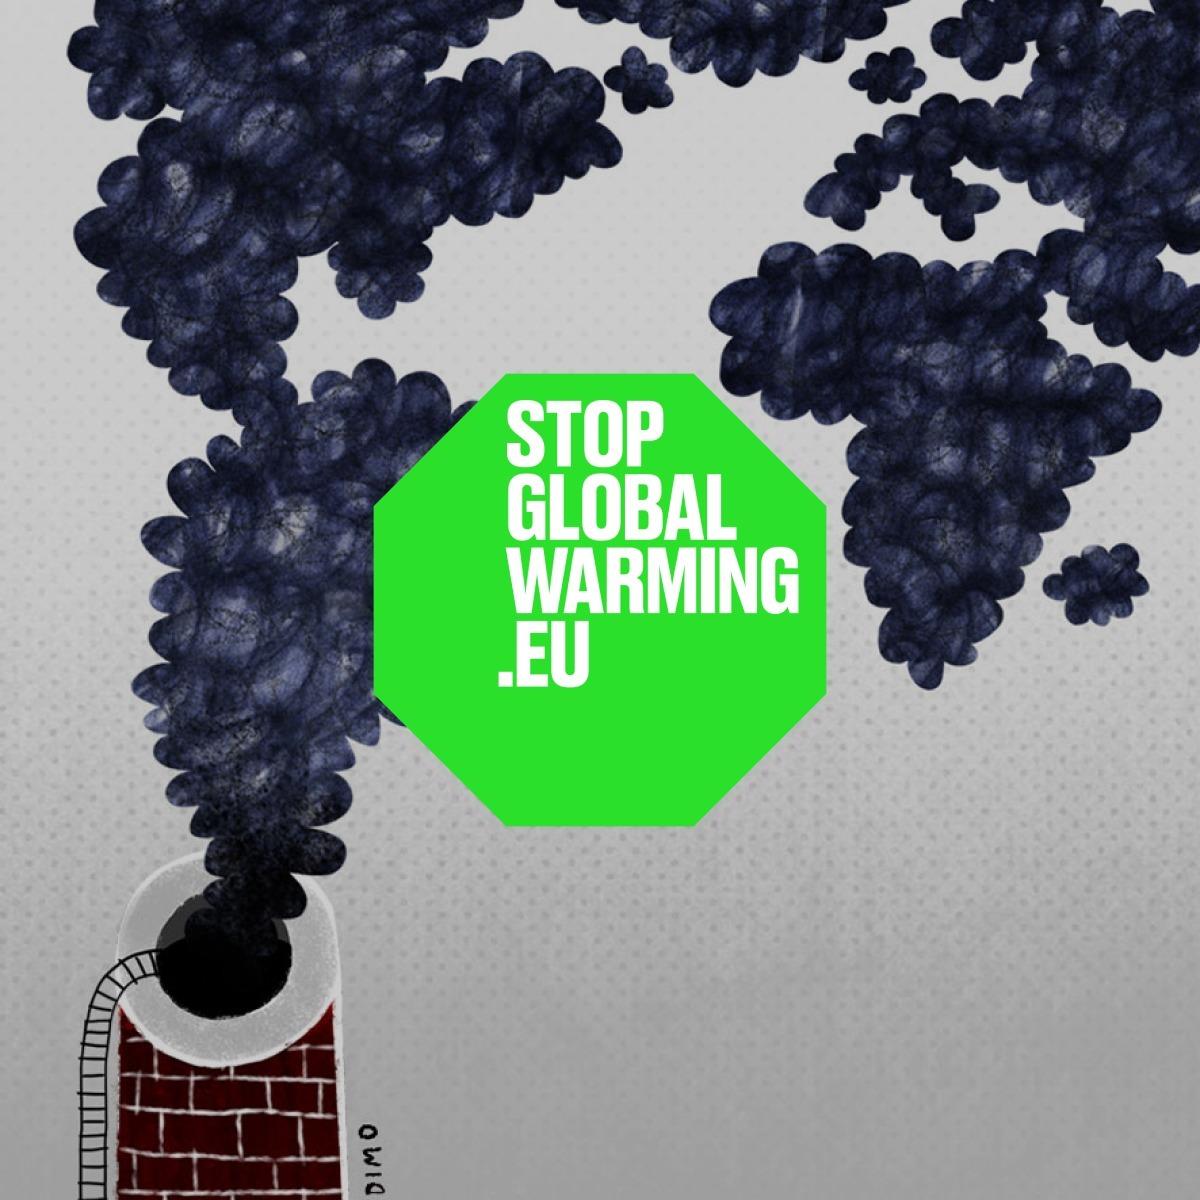 #StopGlobalWarming